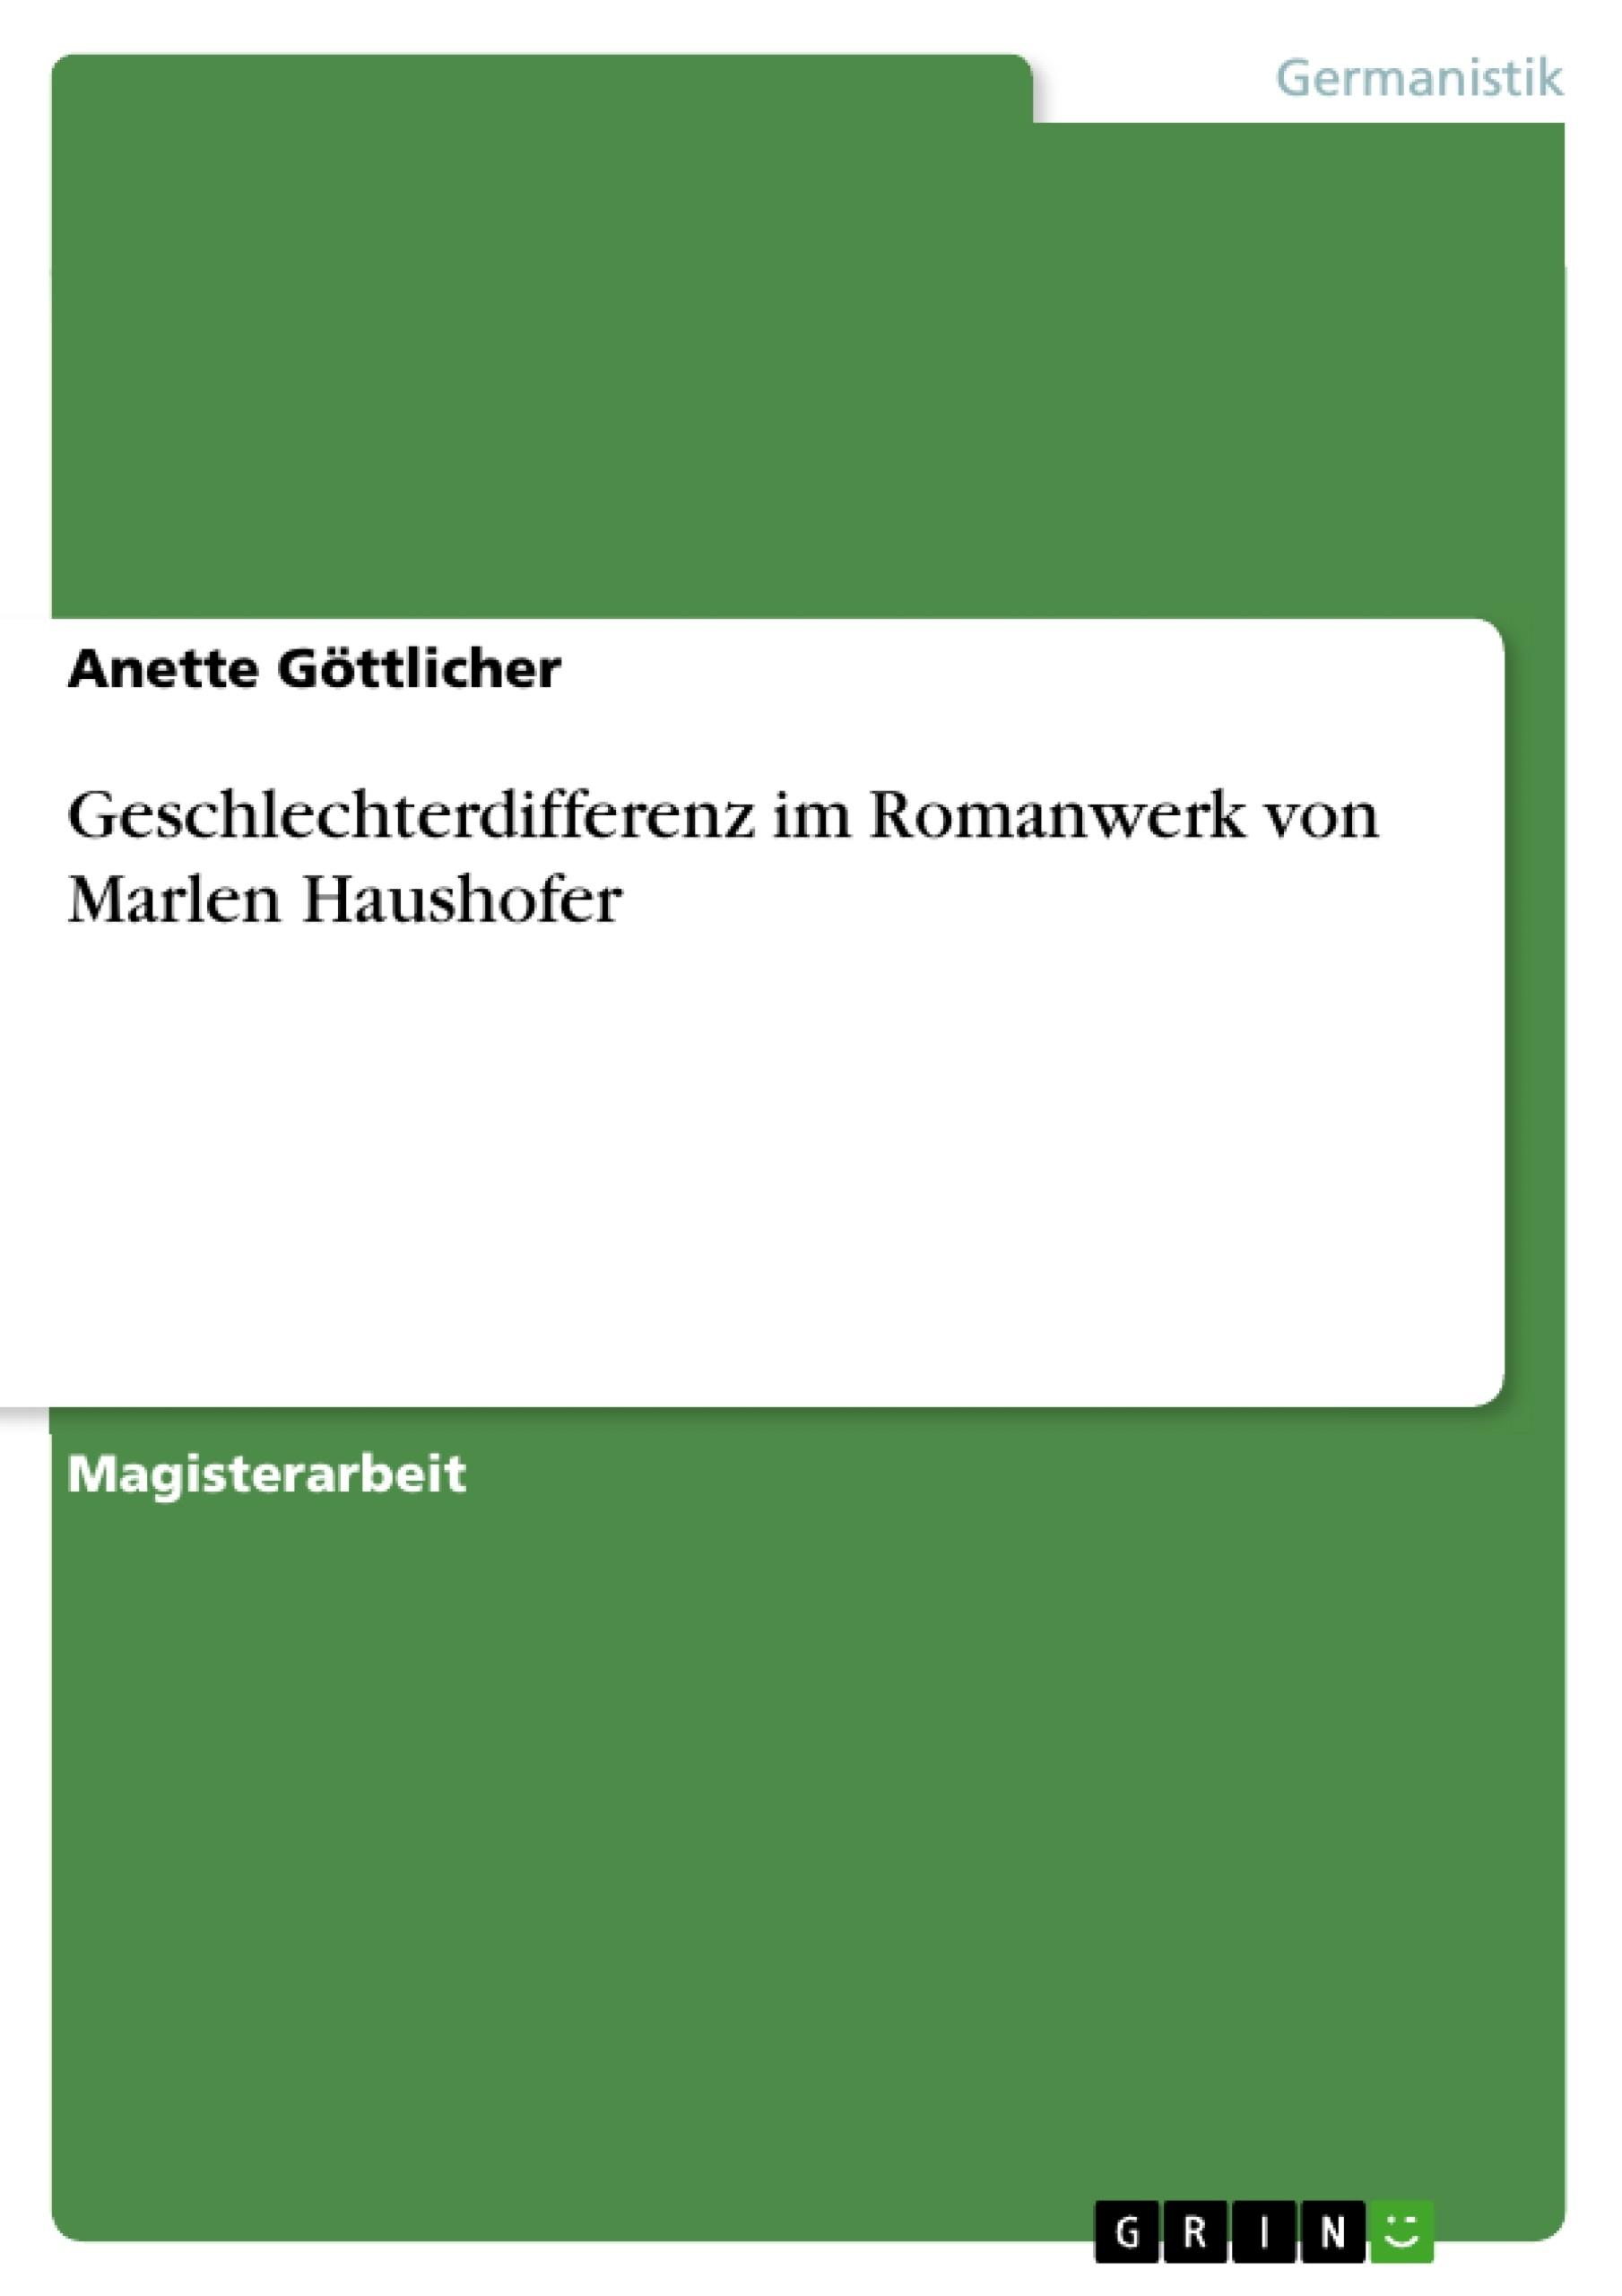 Titel: Geschlechterdifferenz im Romanwerk von Marlen Haushofer